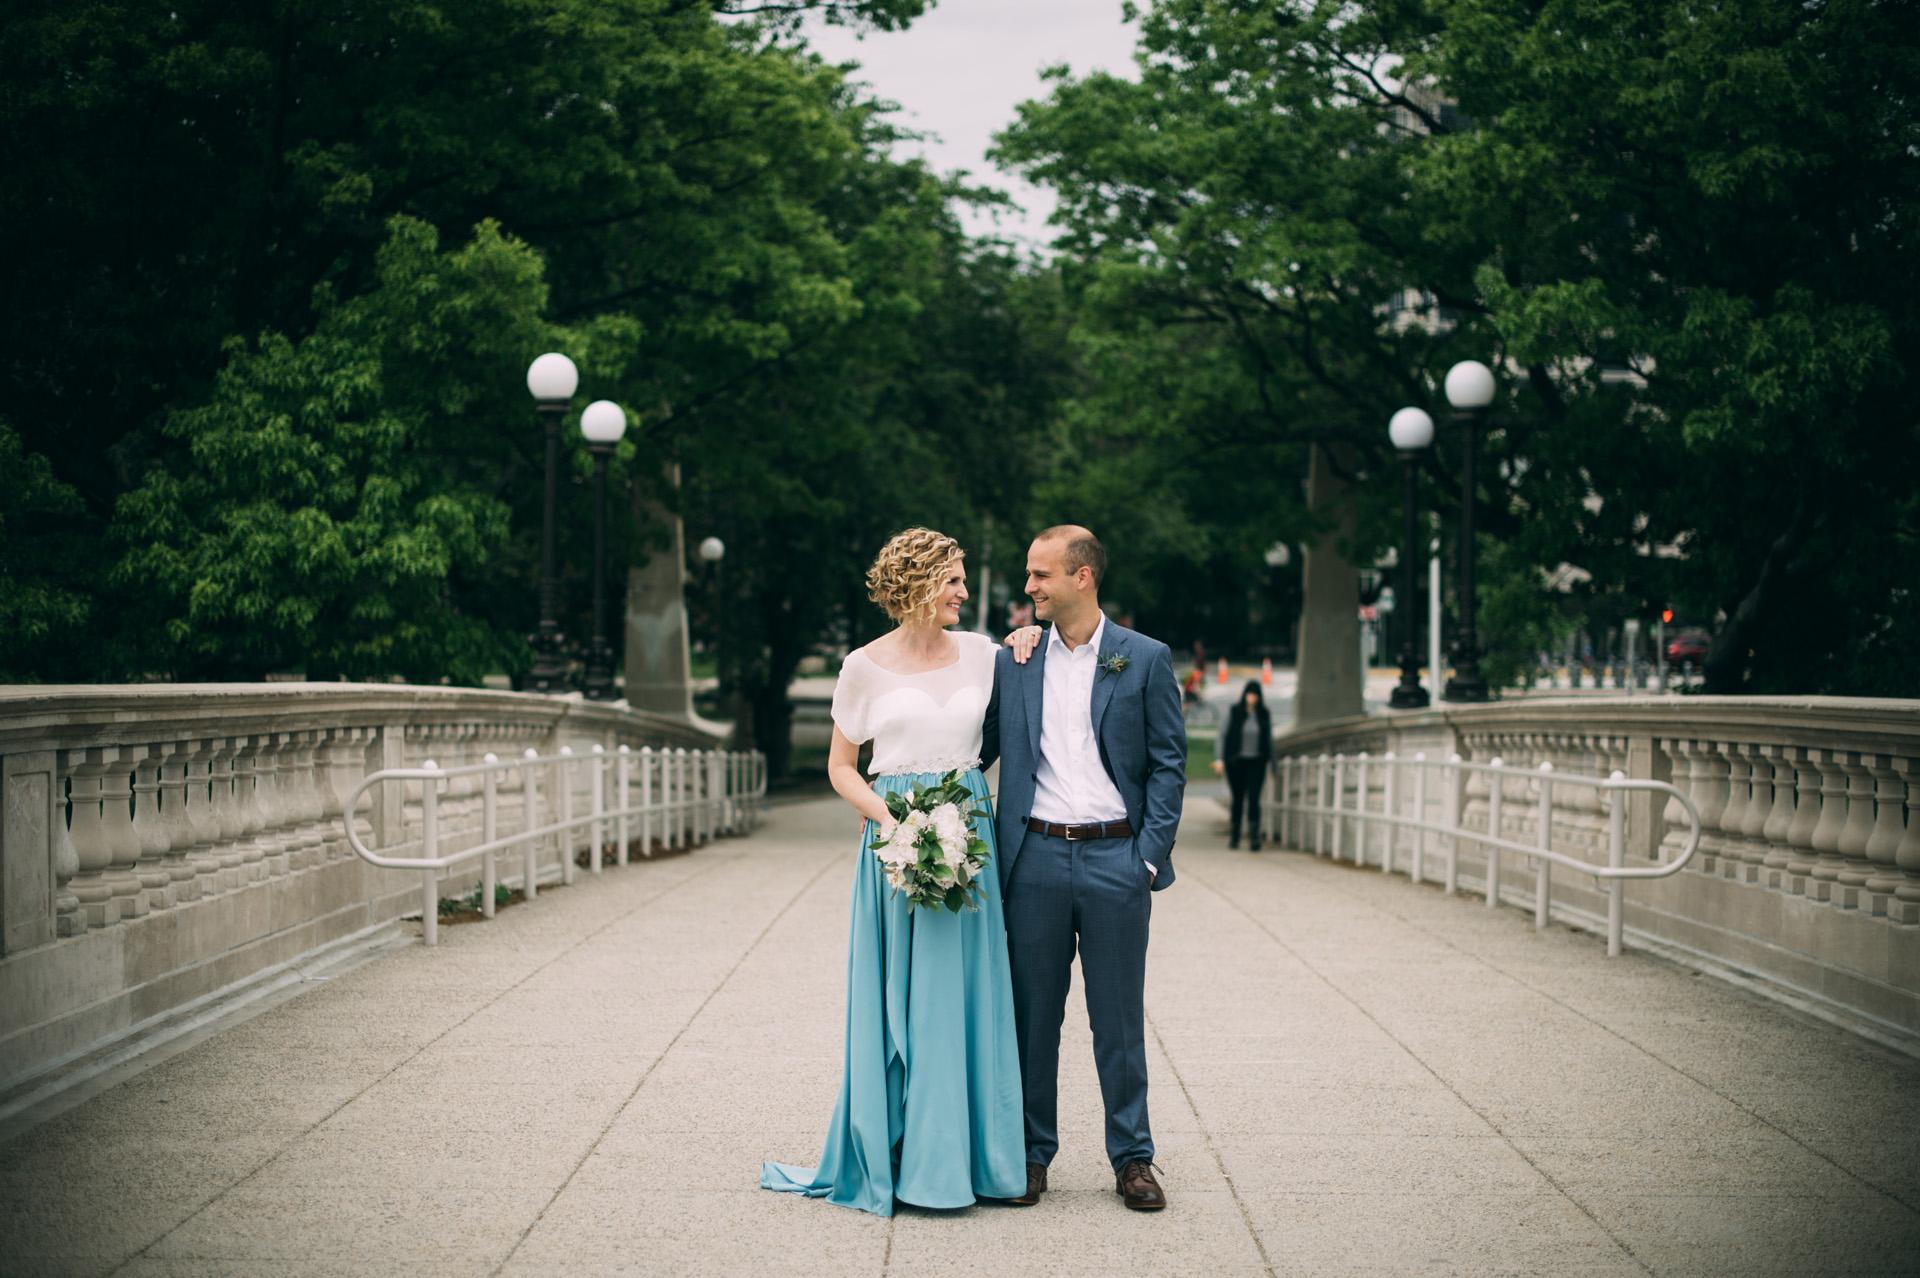 alden-harlow-wedding-photographer-20